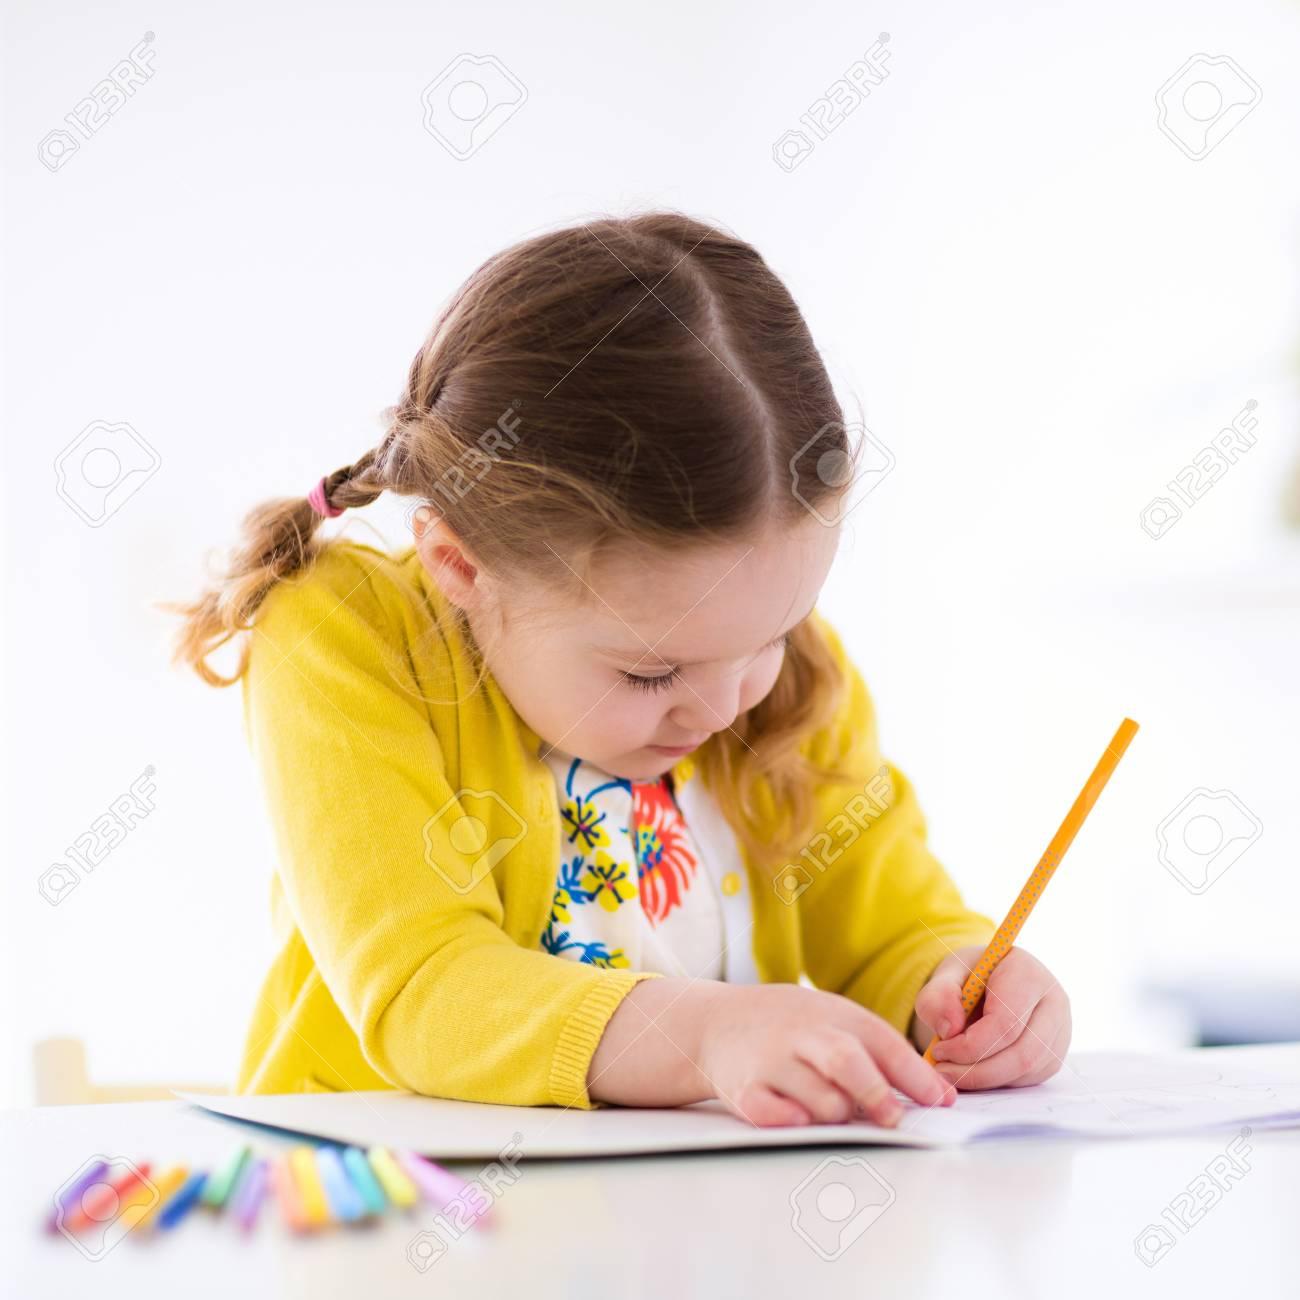 Niña Linda Haciendo La Tarea Leyendo Un Libro Páginas Para Colorear Escribir Y Pintar Los Niños Pintan Los Niños Dibujan Niños En Edad